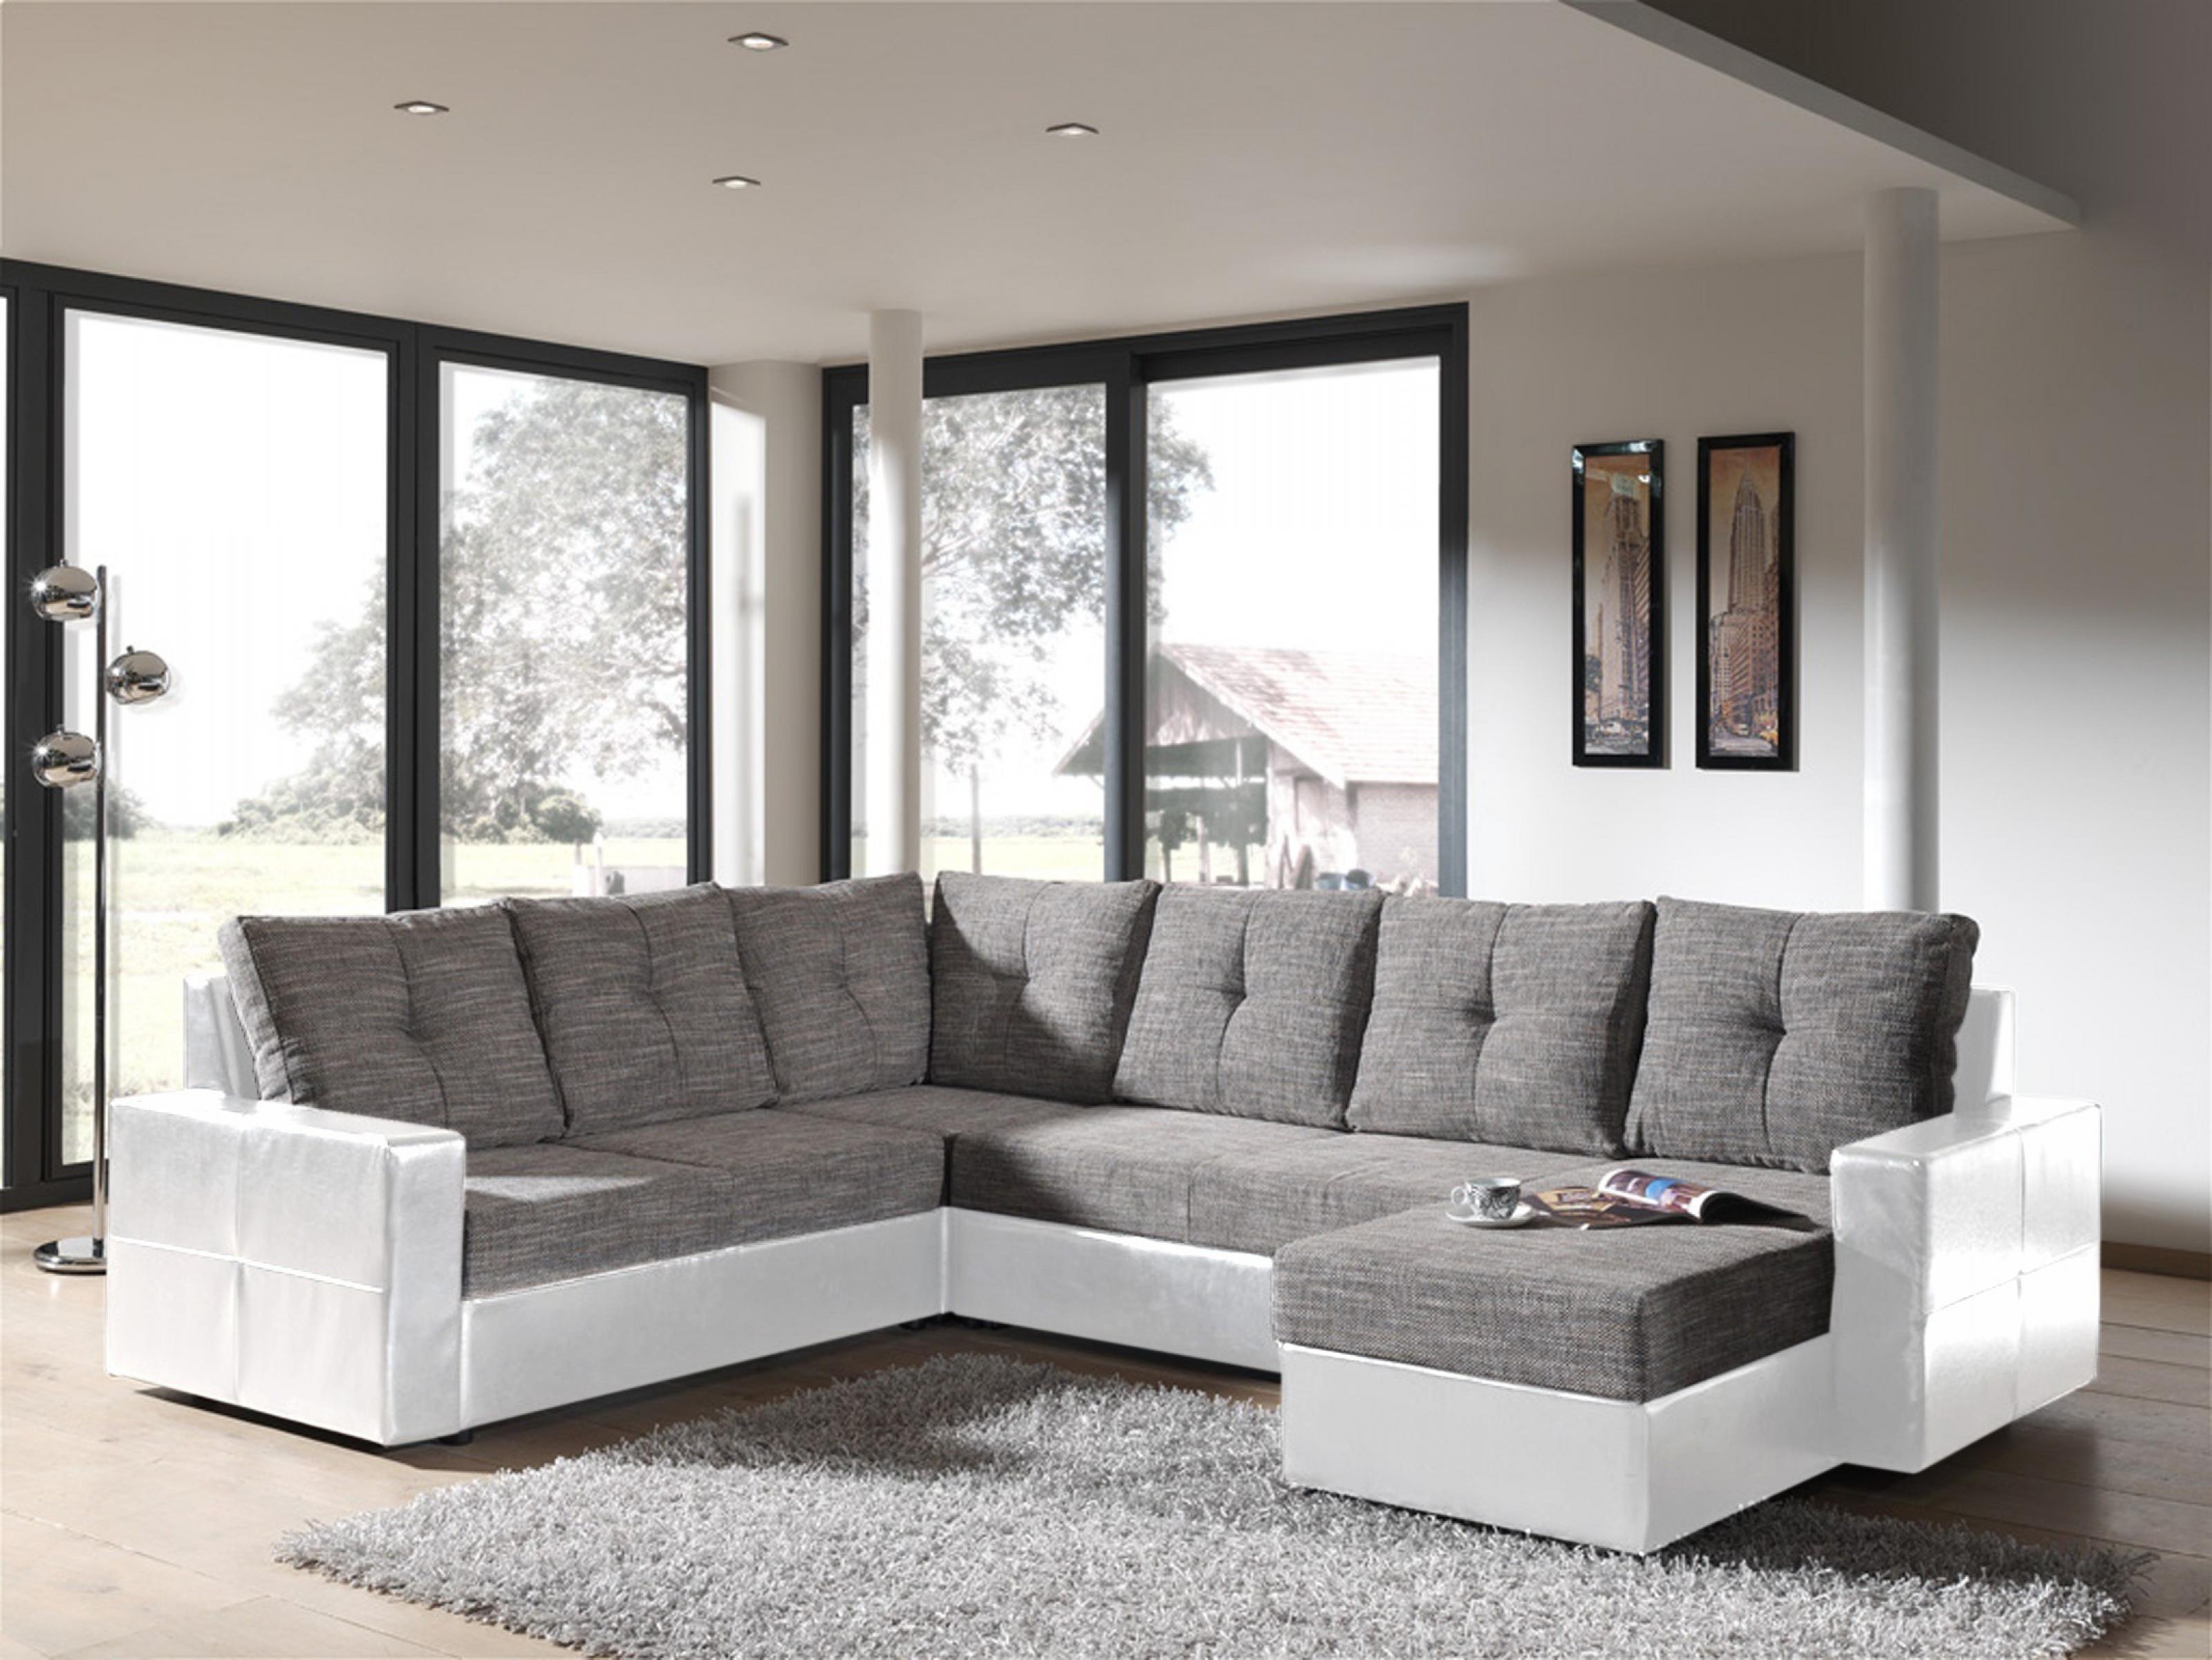 Ikea Canapé Angle Convertible Inspirant Photos Ikea Salon En Cuir